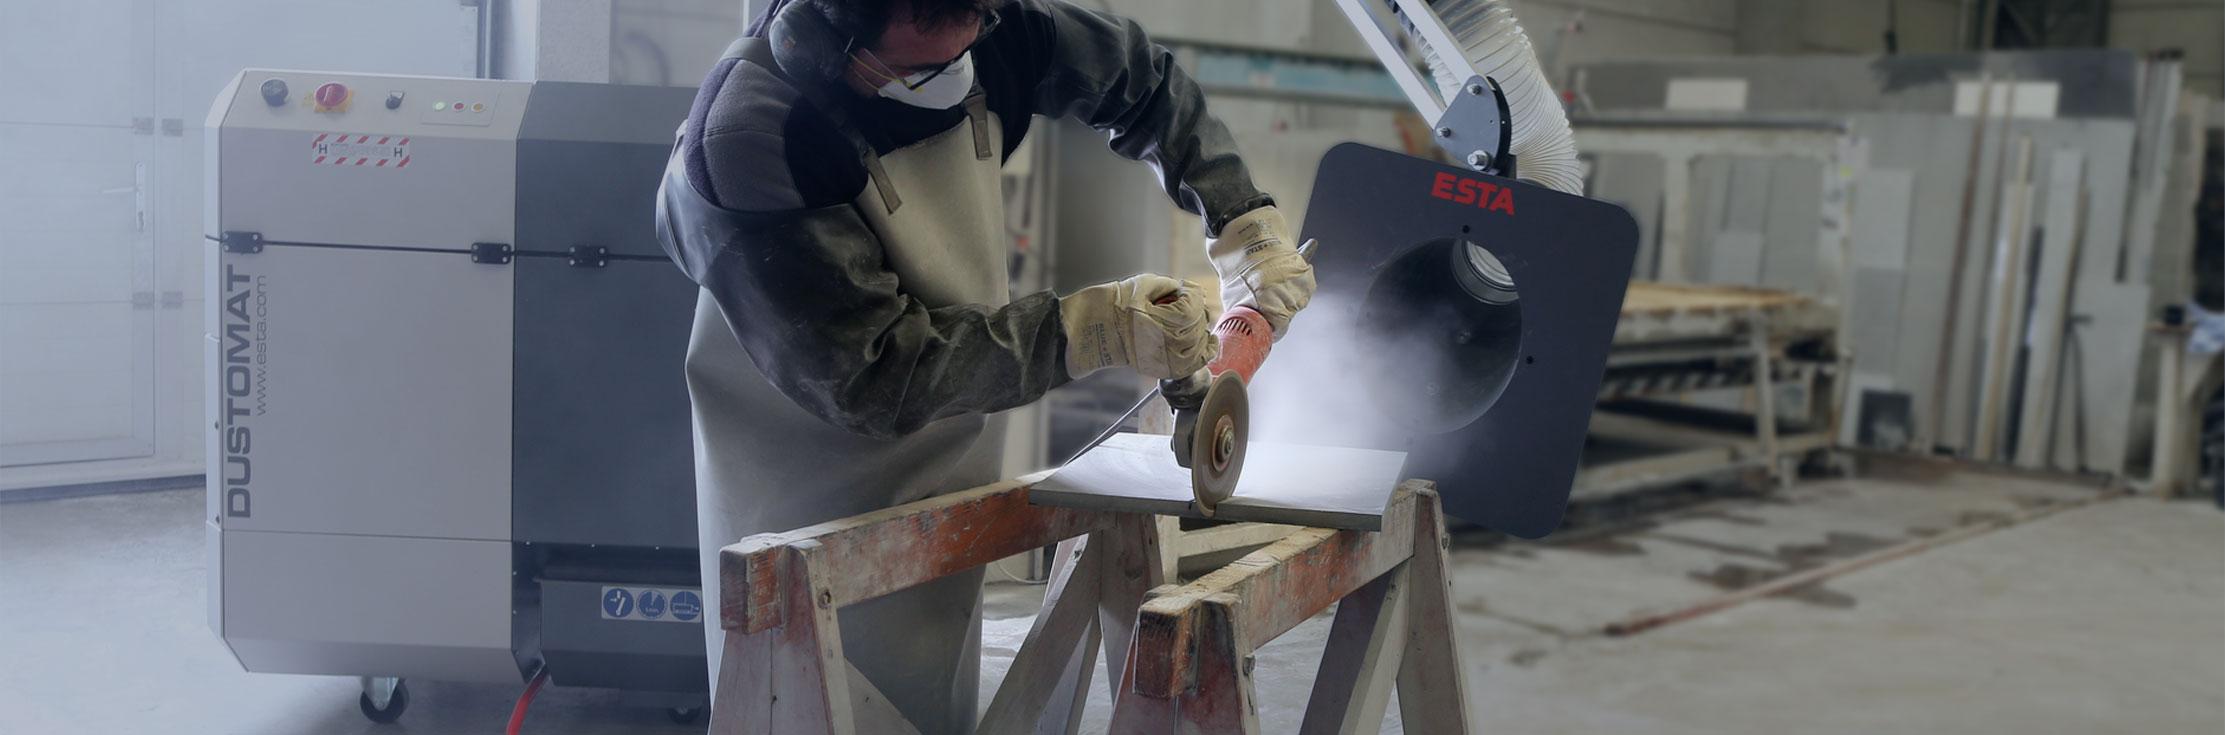 מסנני אוויר לתעשייה